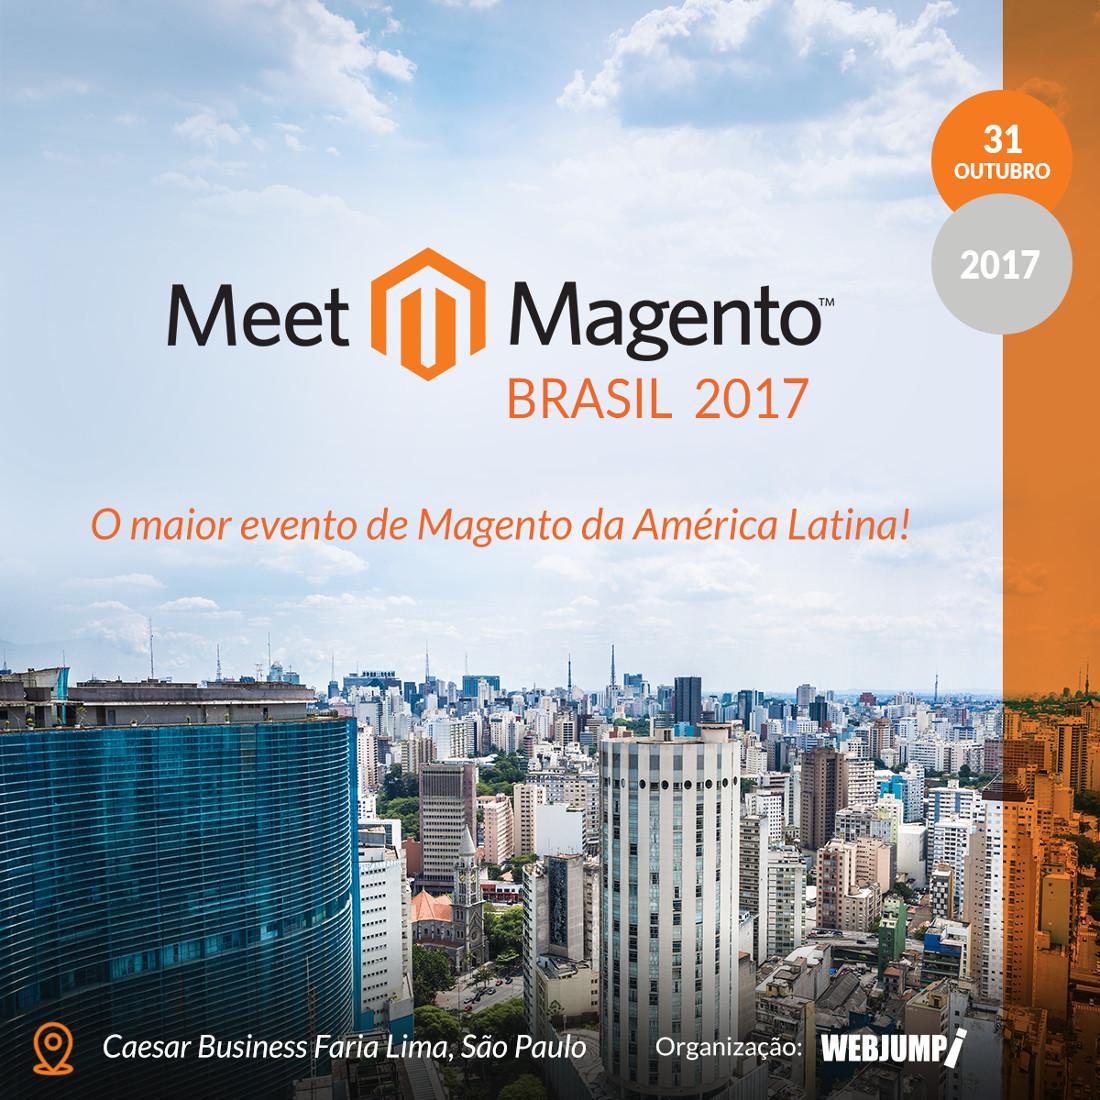 Meet Magento Brazil 2017